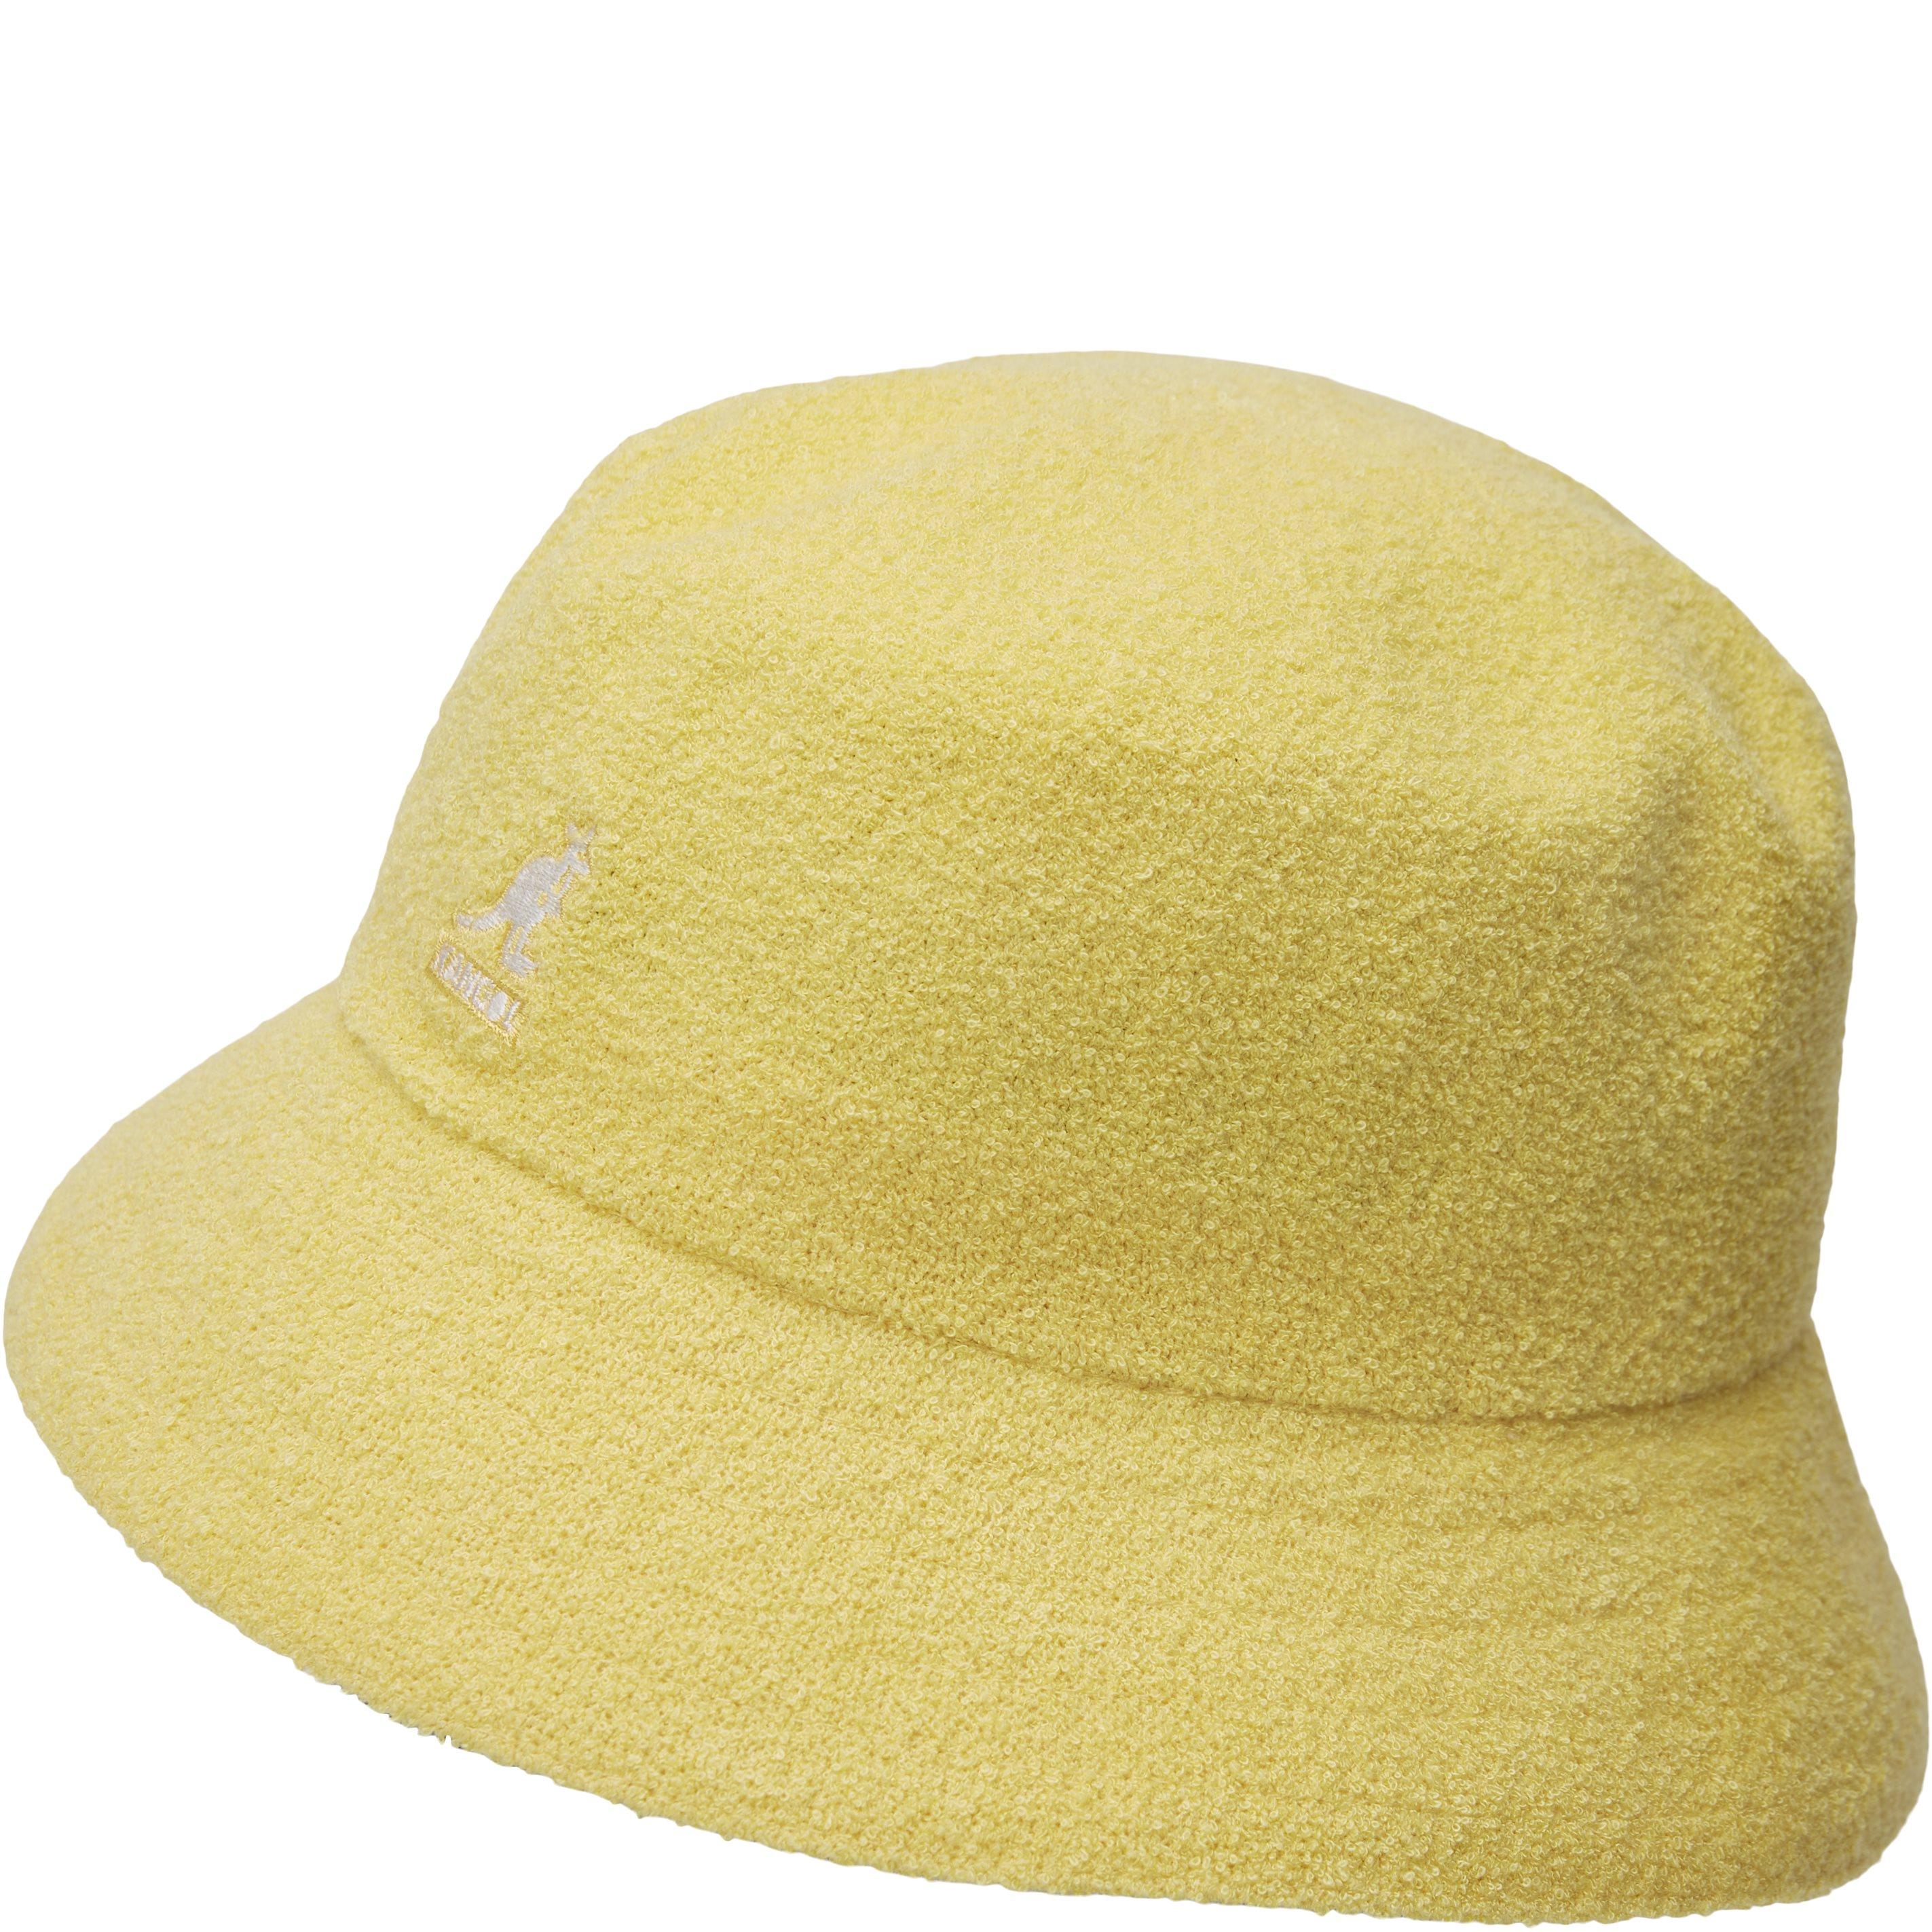 Caps - Yellow